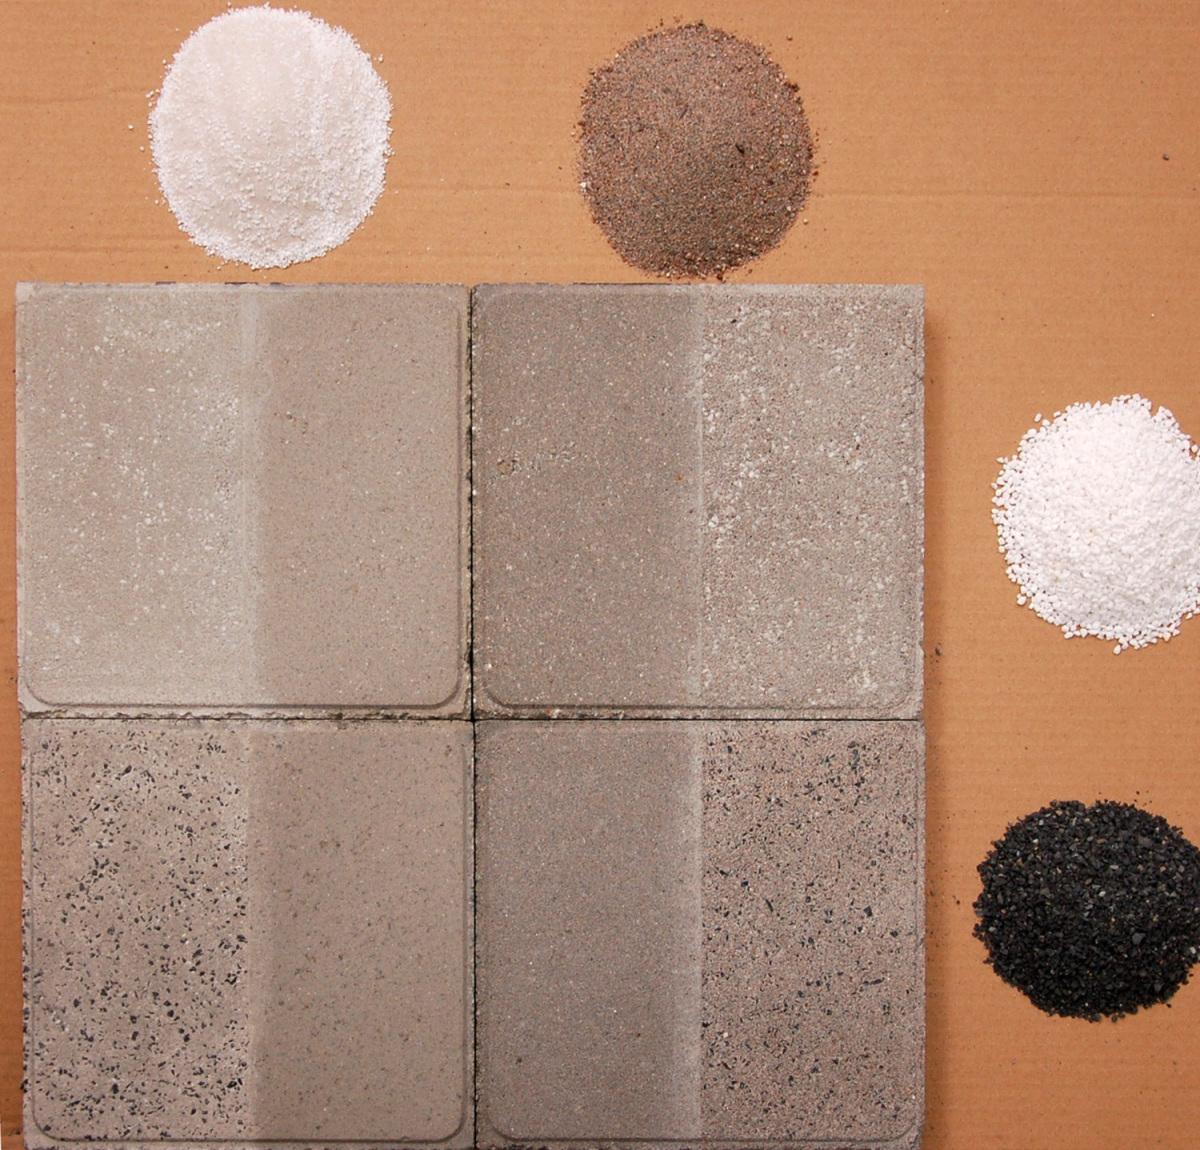 Coloring concrete – which factors are important - Concrete Plant ...